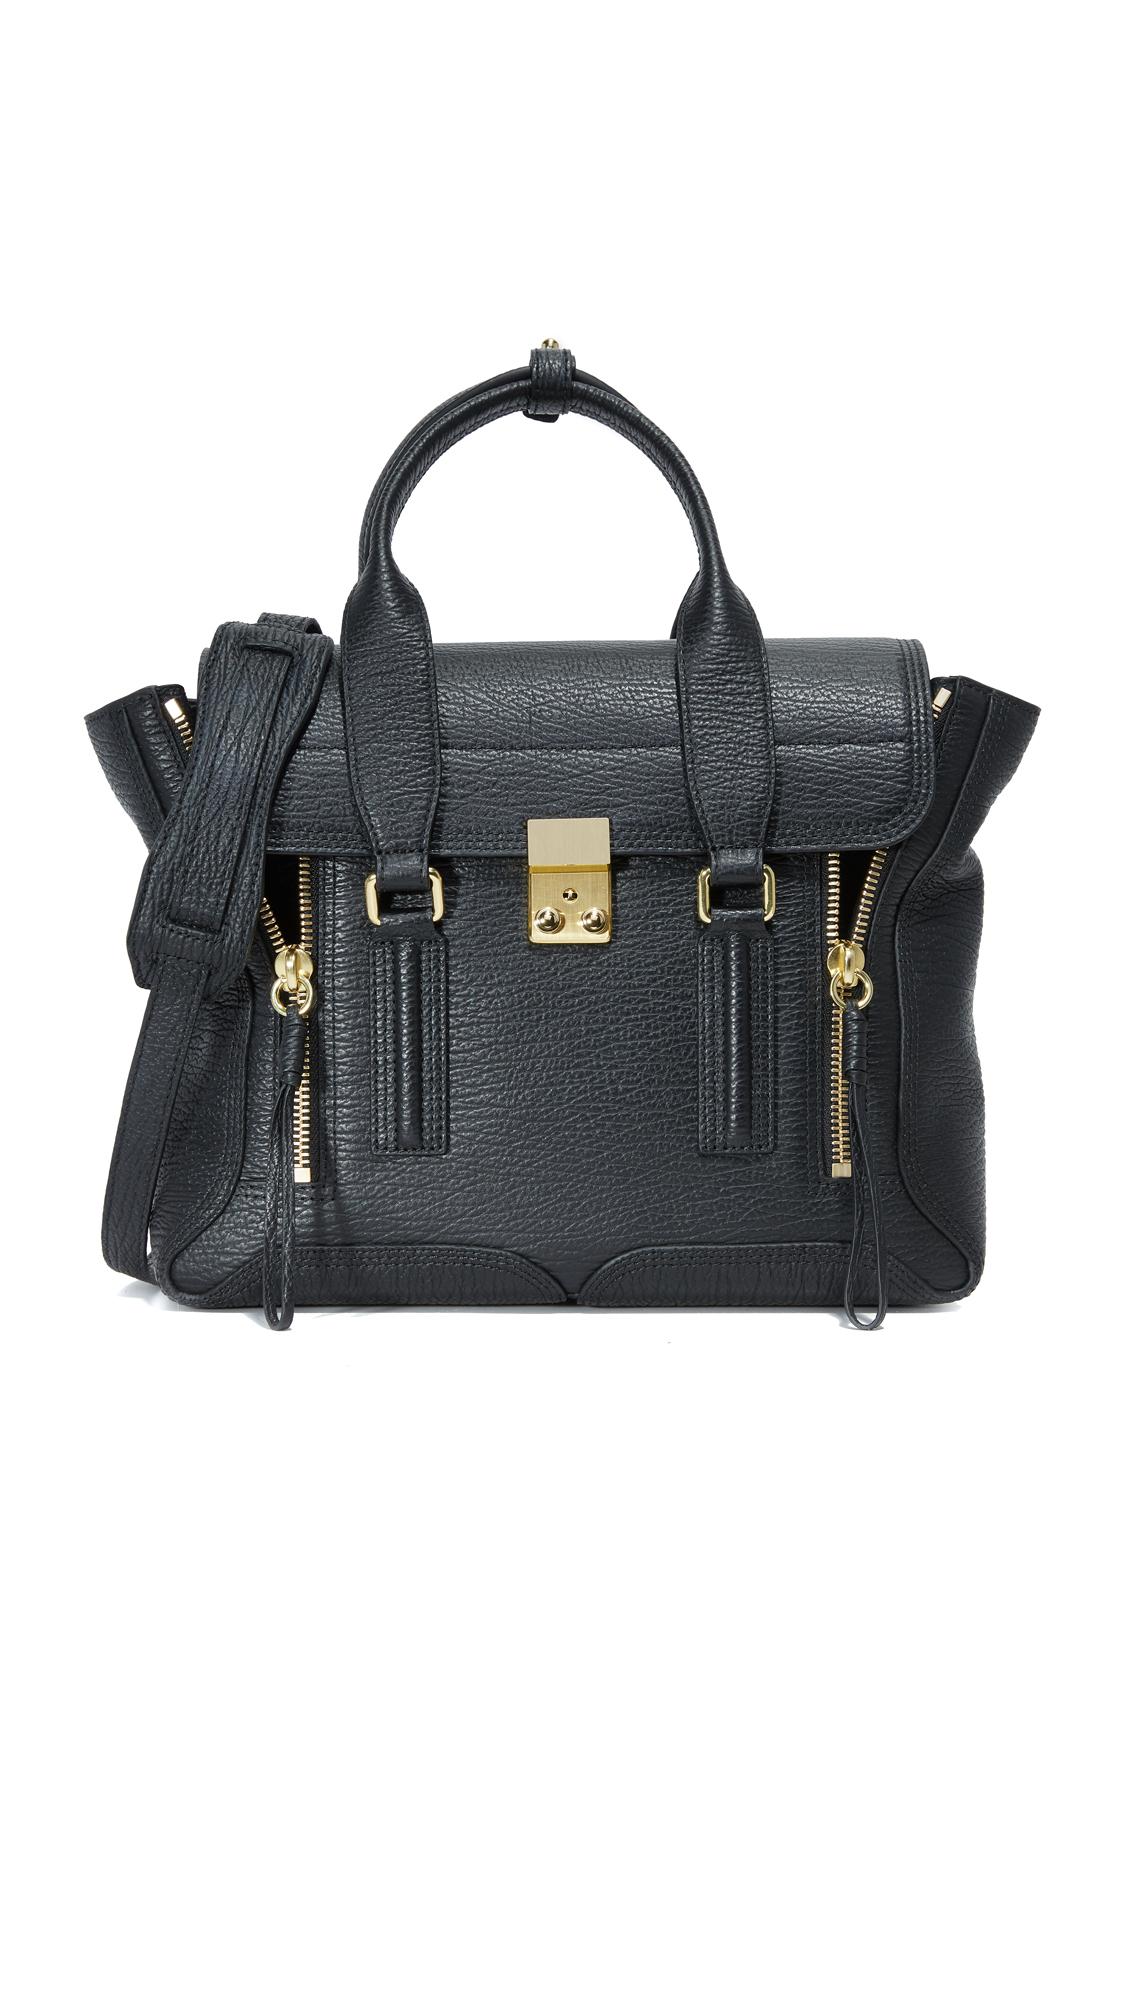 31 phillip lim female 31 phillip lim pashli medium satchel black